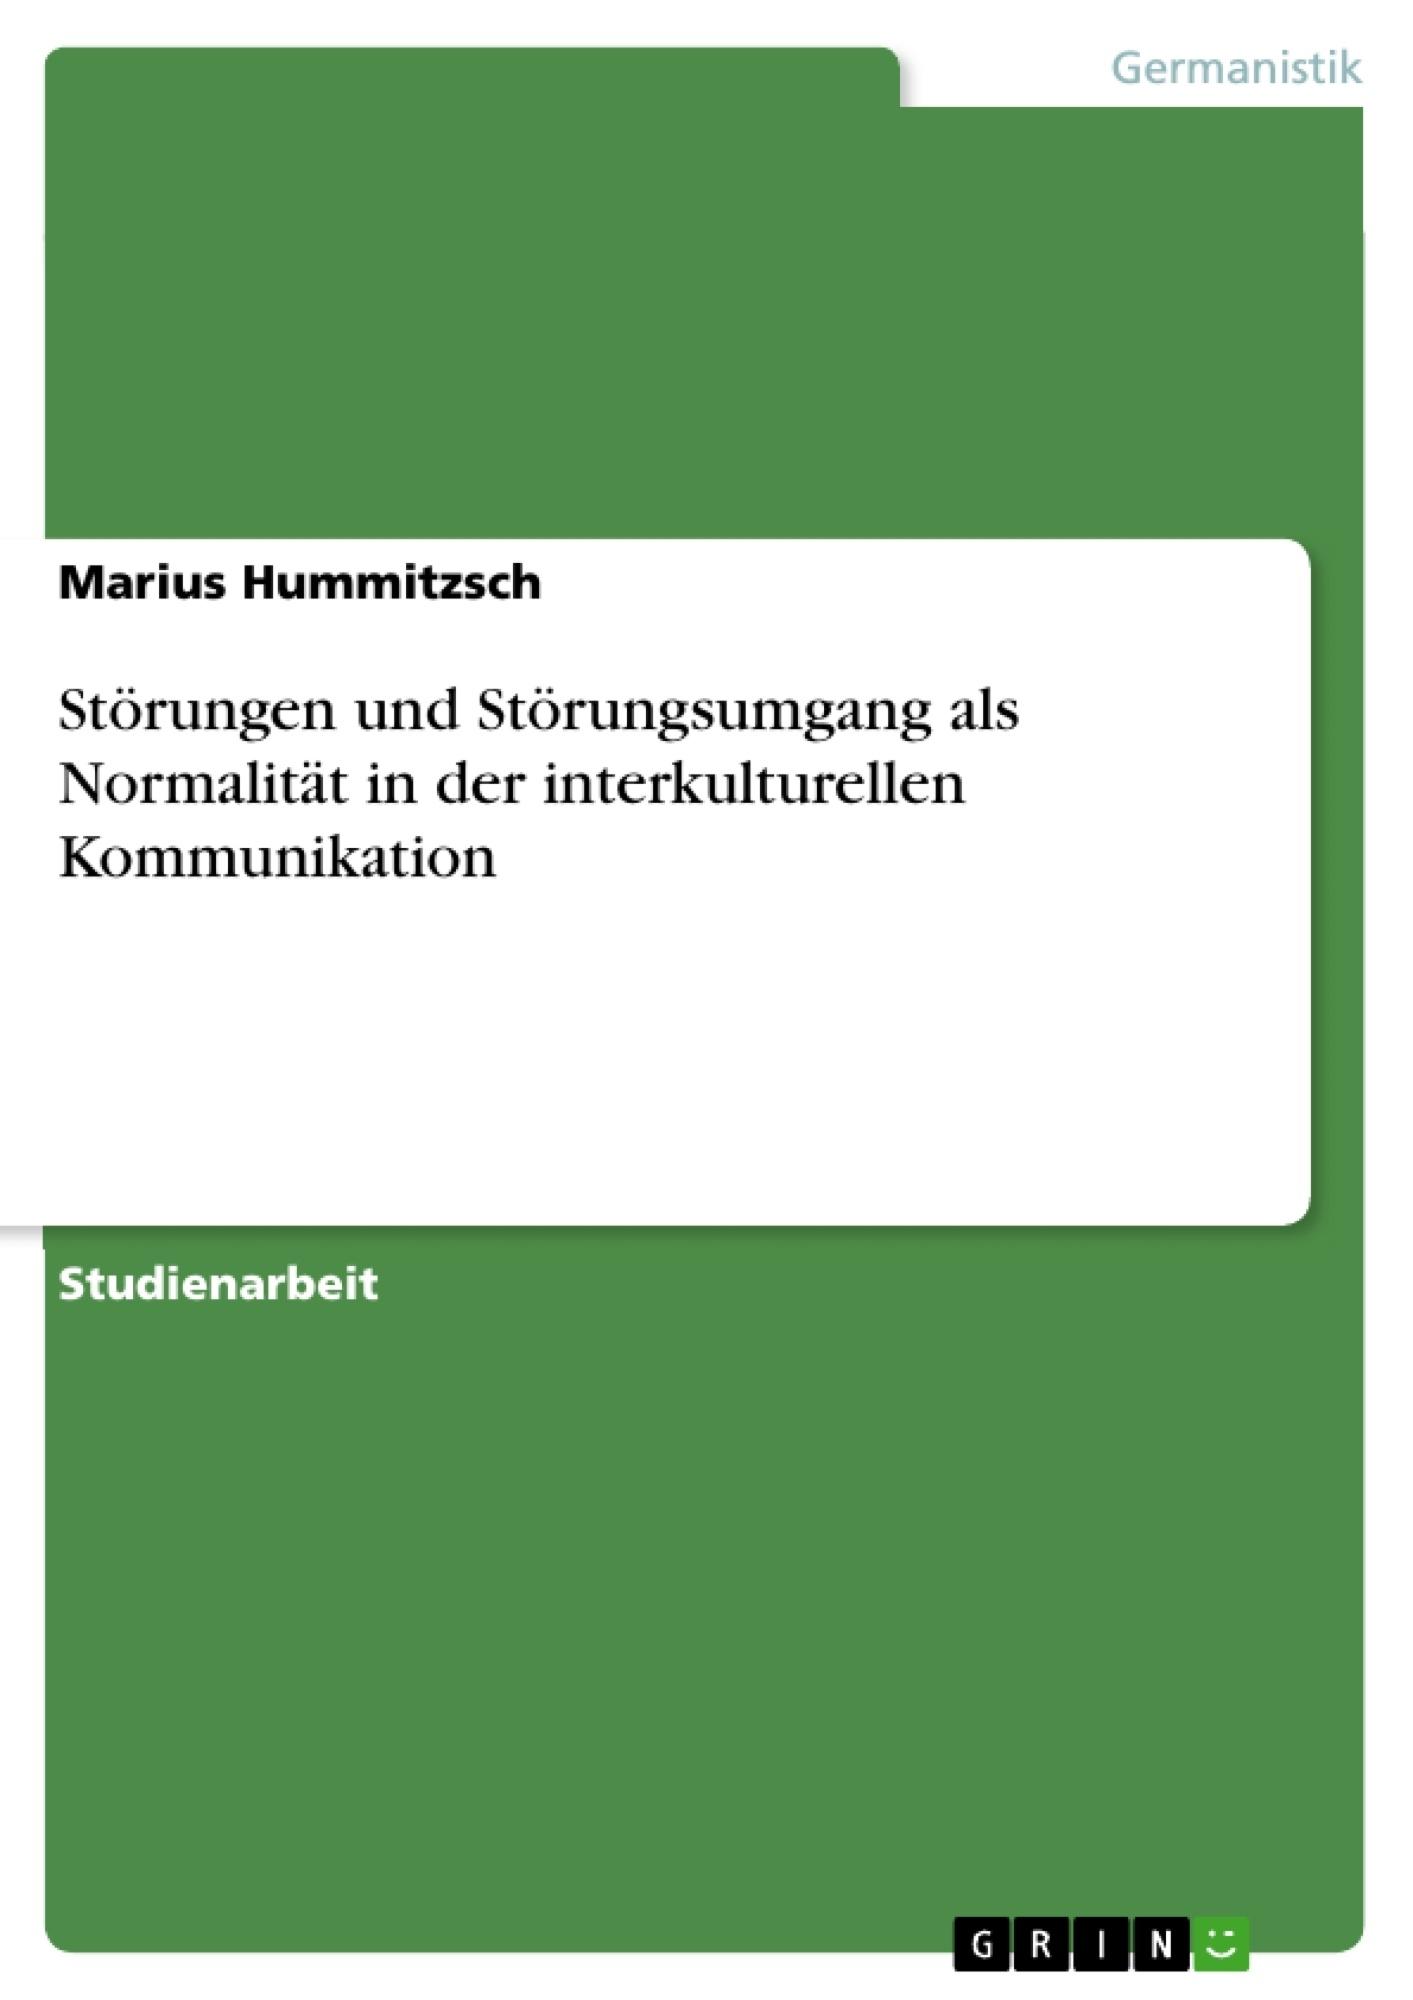 Titel: Störungen und Störungsumgang als Normalität in der interkulturellen Kommunikation